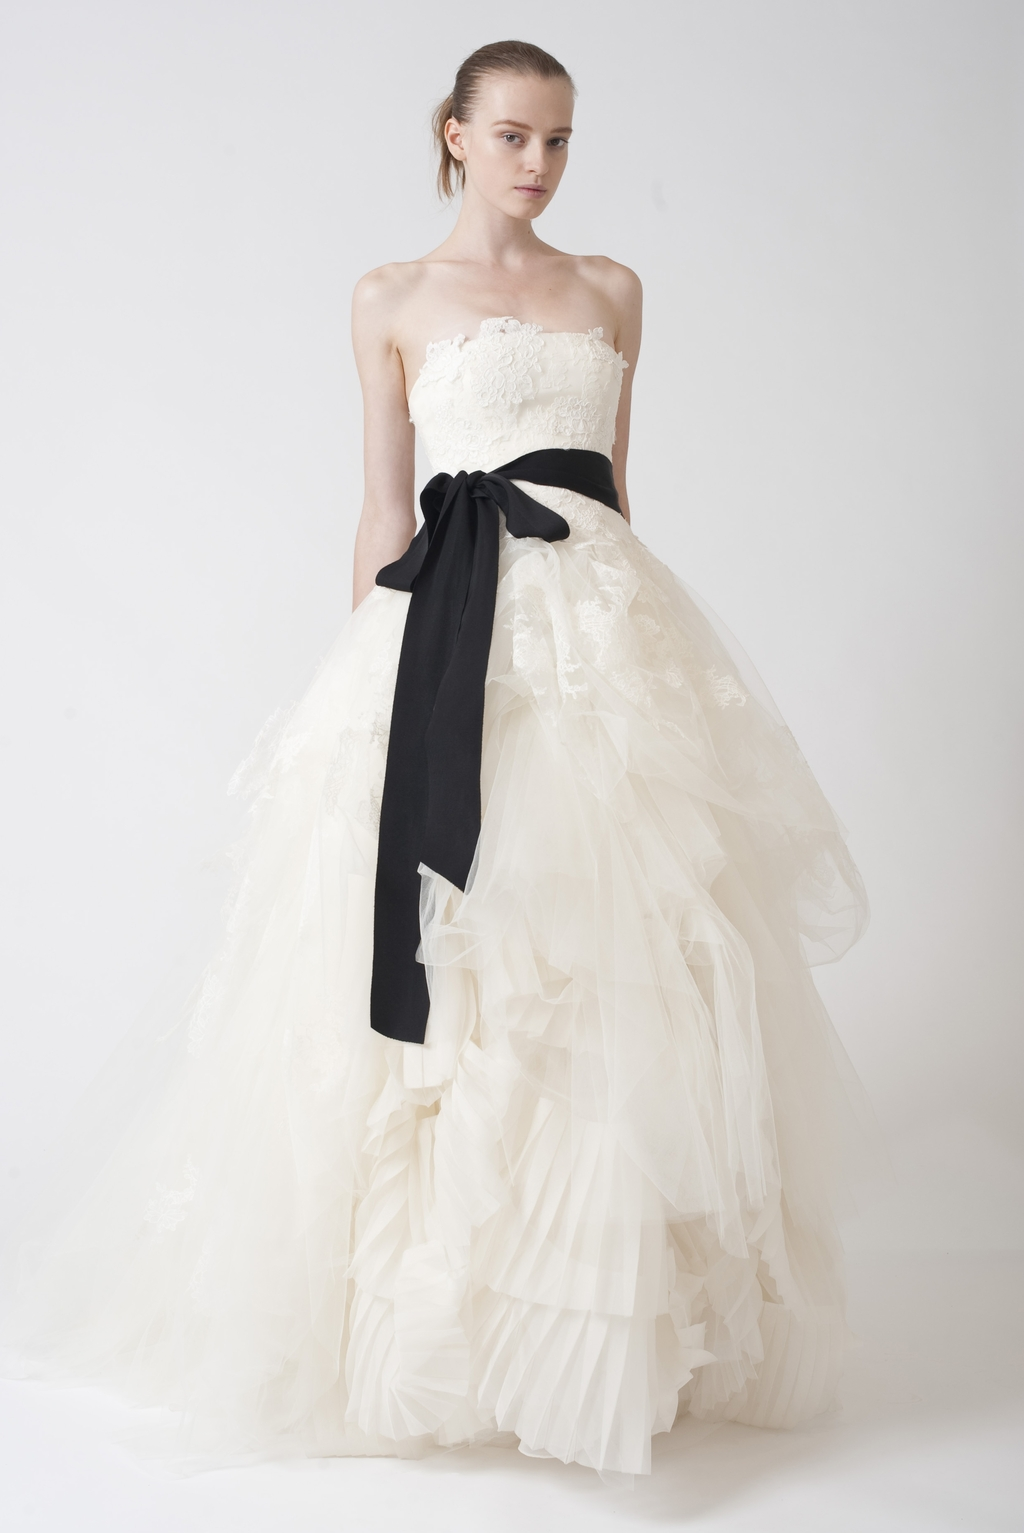 Vera-wang-wedding-dresses-fall-2010-17.full